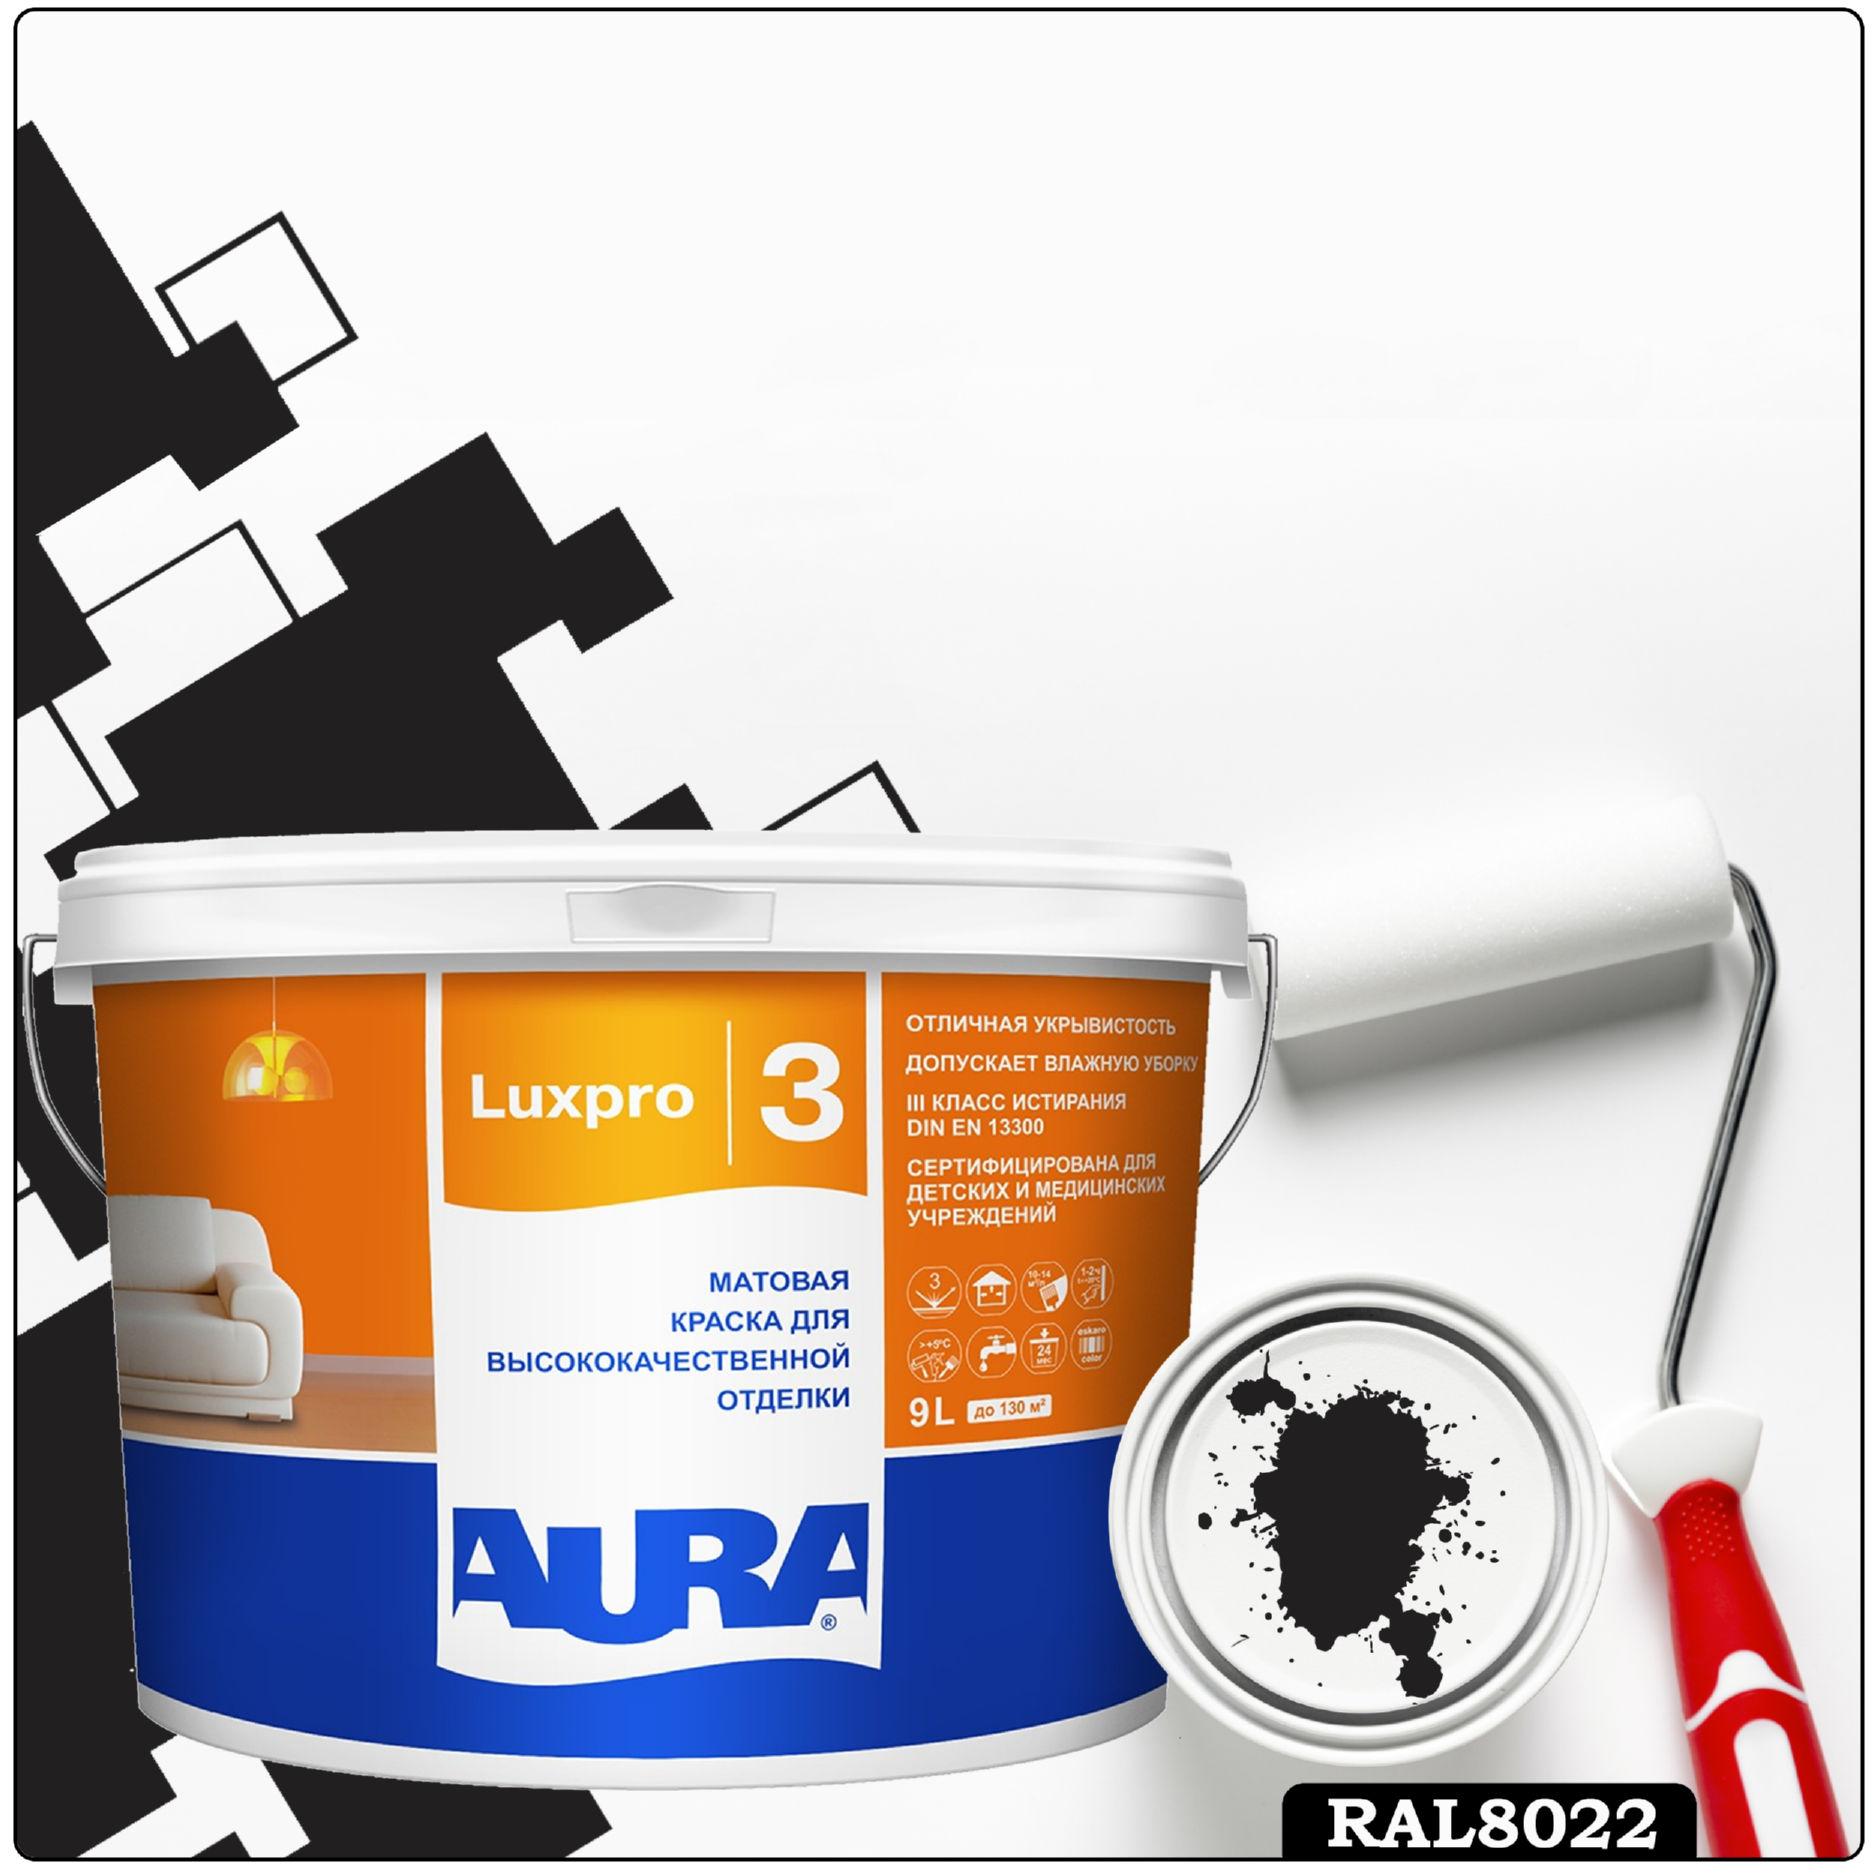 Фото 15 - Краска Aura LuxPRO 3, RAL 8022 Чёрно-коричневый, латексная, шелково-матовая, интерьерная, 9л, Аура.